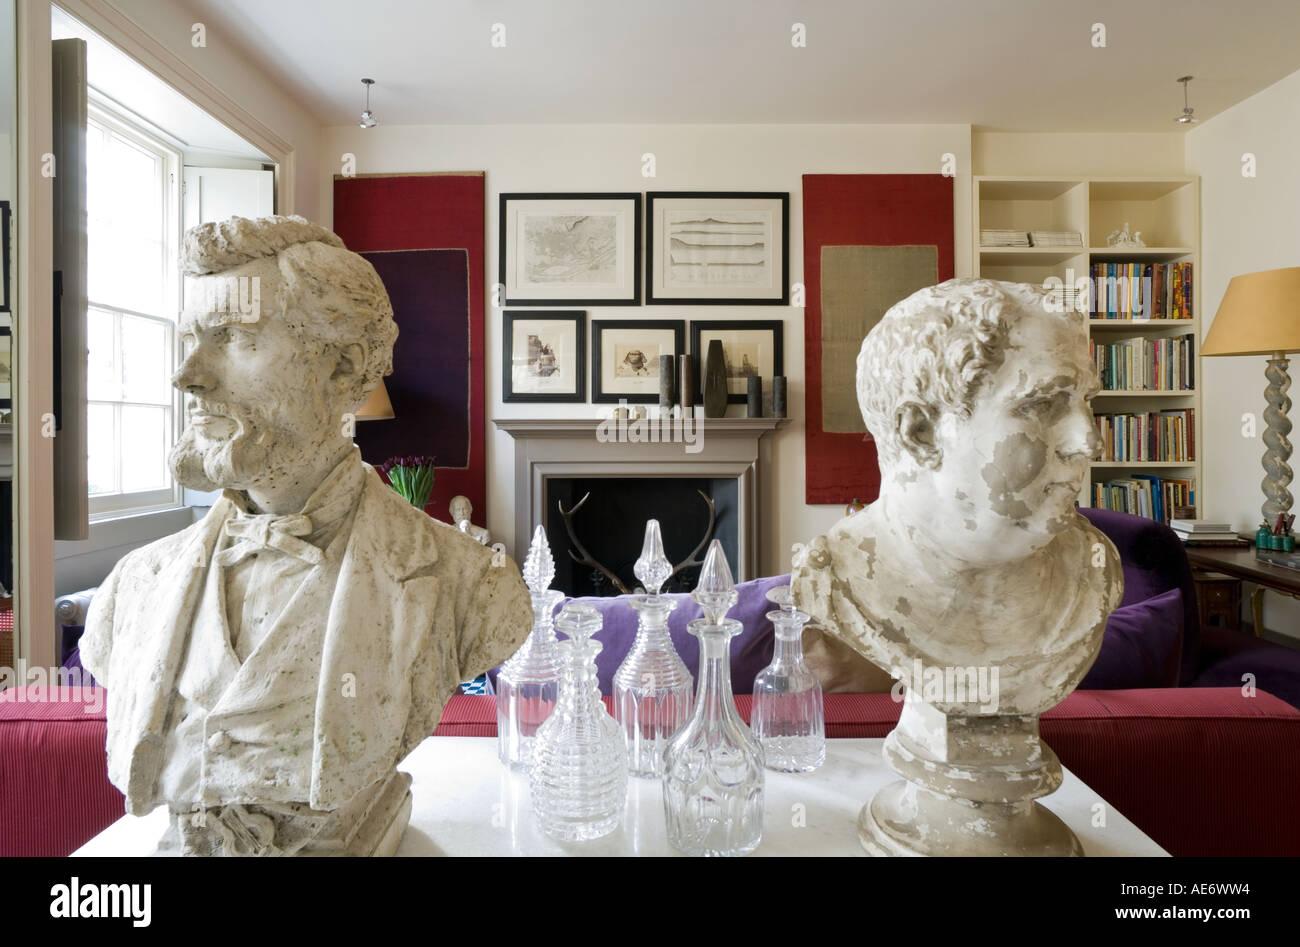 Los bustos de yeso y decantadores de cristal sobre una encimera de mármol en un salón Imagen De Stock